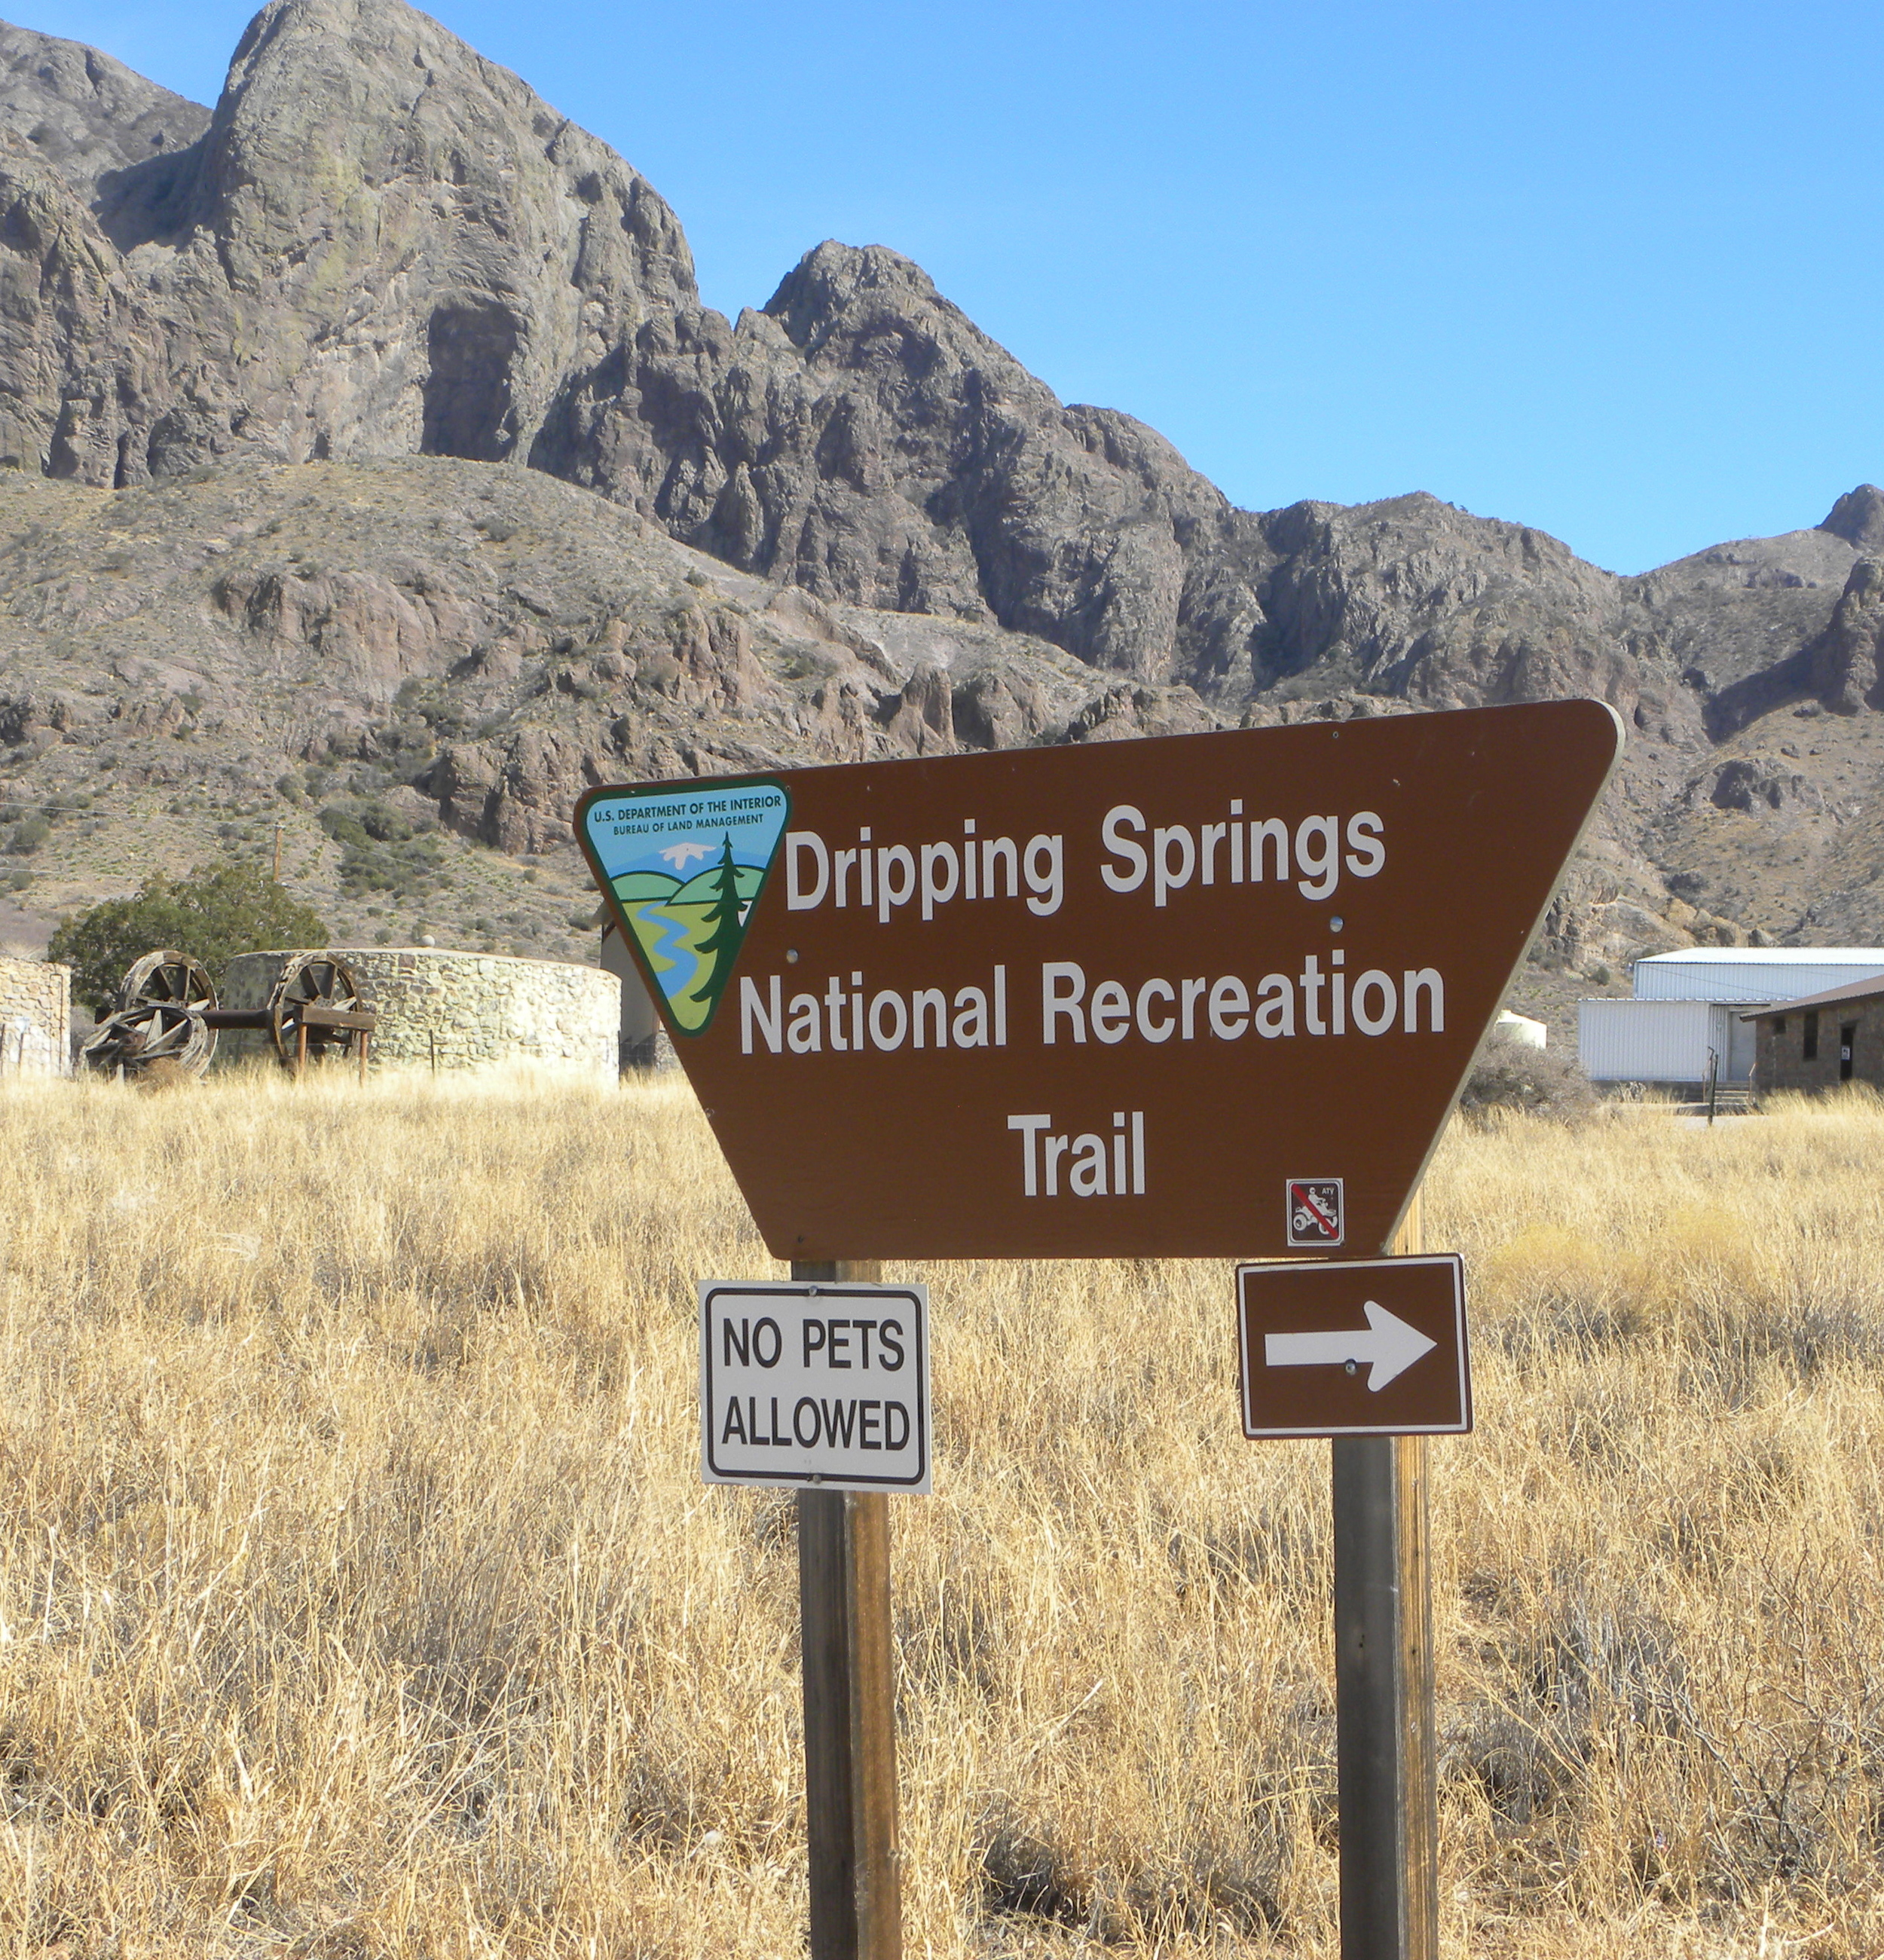 Dripping Springs Trail - Dripping springs Trail Natural Area